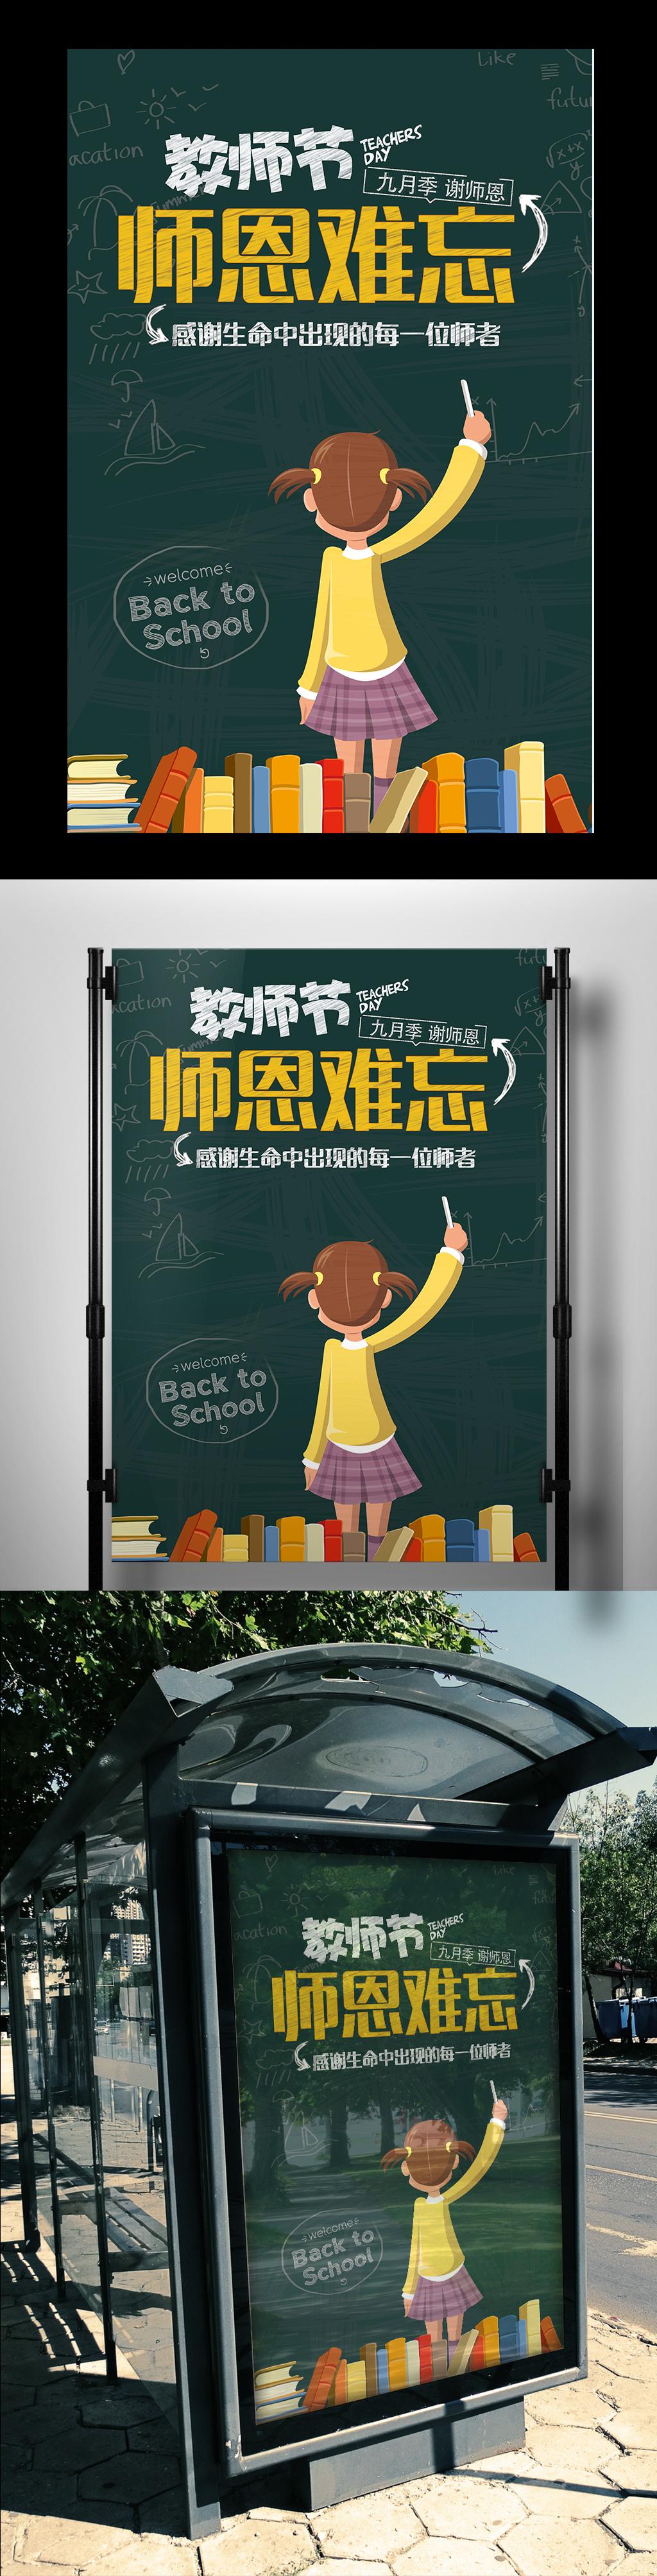 宣传书本海报手绘